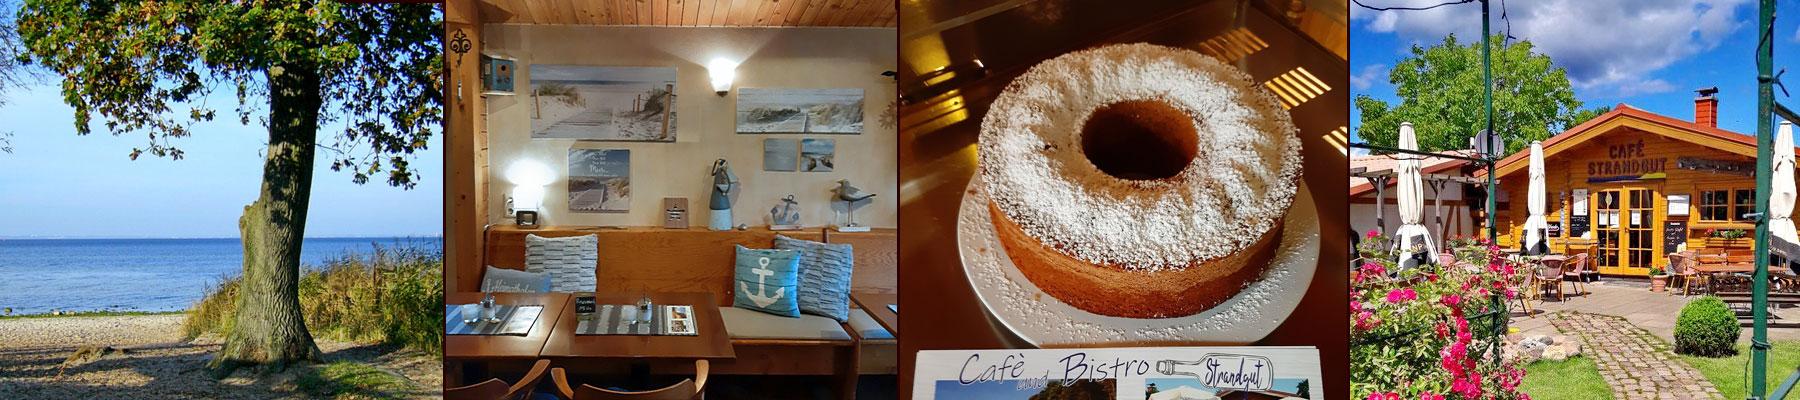 Ansichten - Café Strandgut